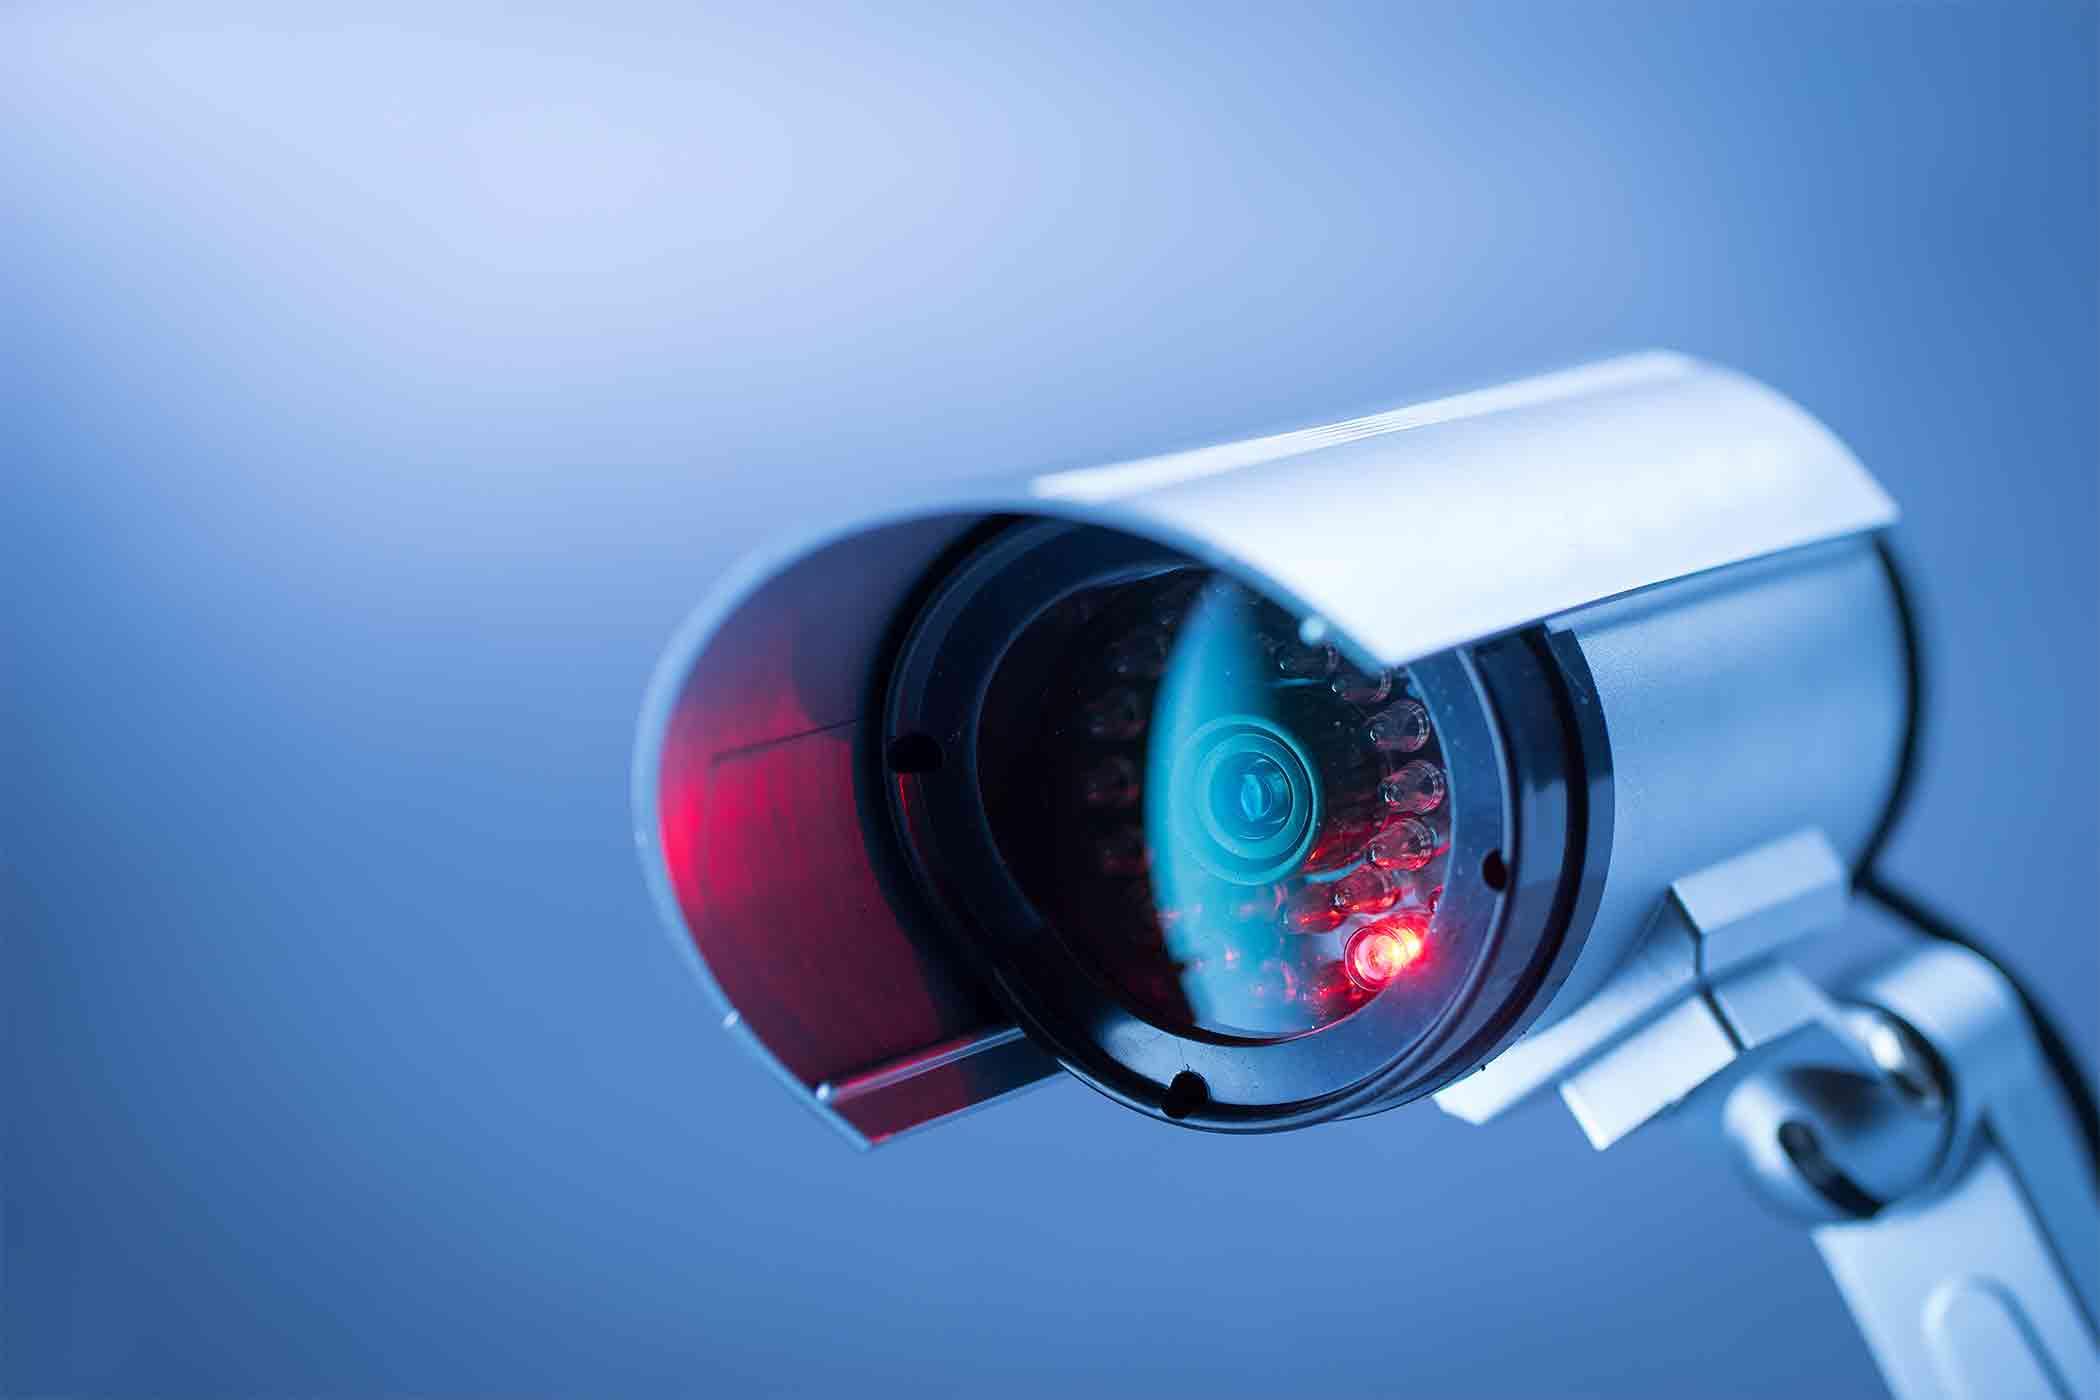 کیفیت تصاویر دوربین مدار بسته به چه عواملی بستگی دارد